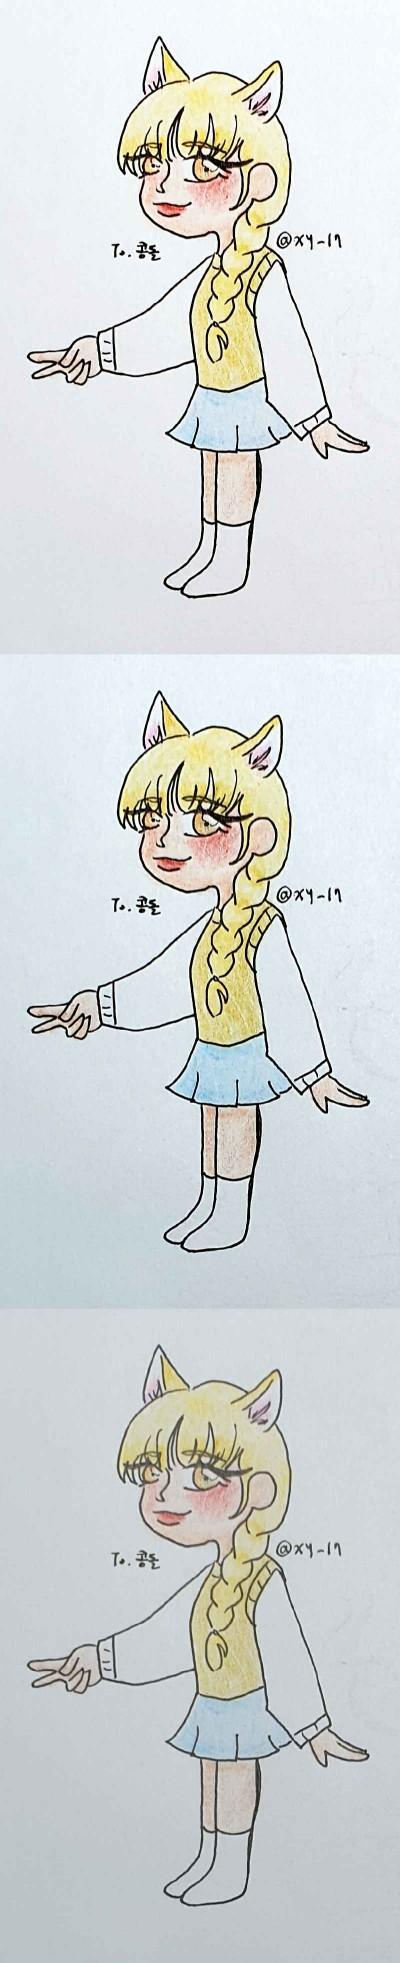 콩돌이 기프트~!! | xy_17 | Digital Drawing | PENUP